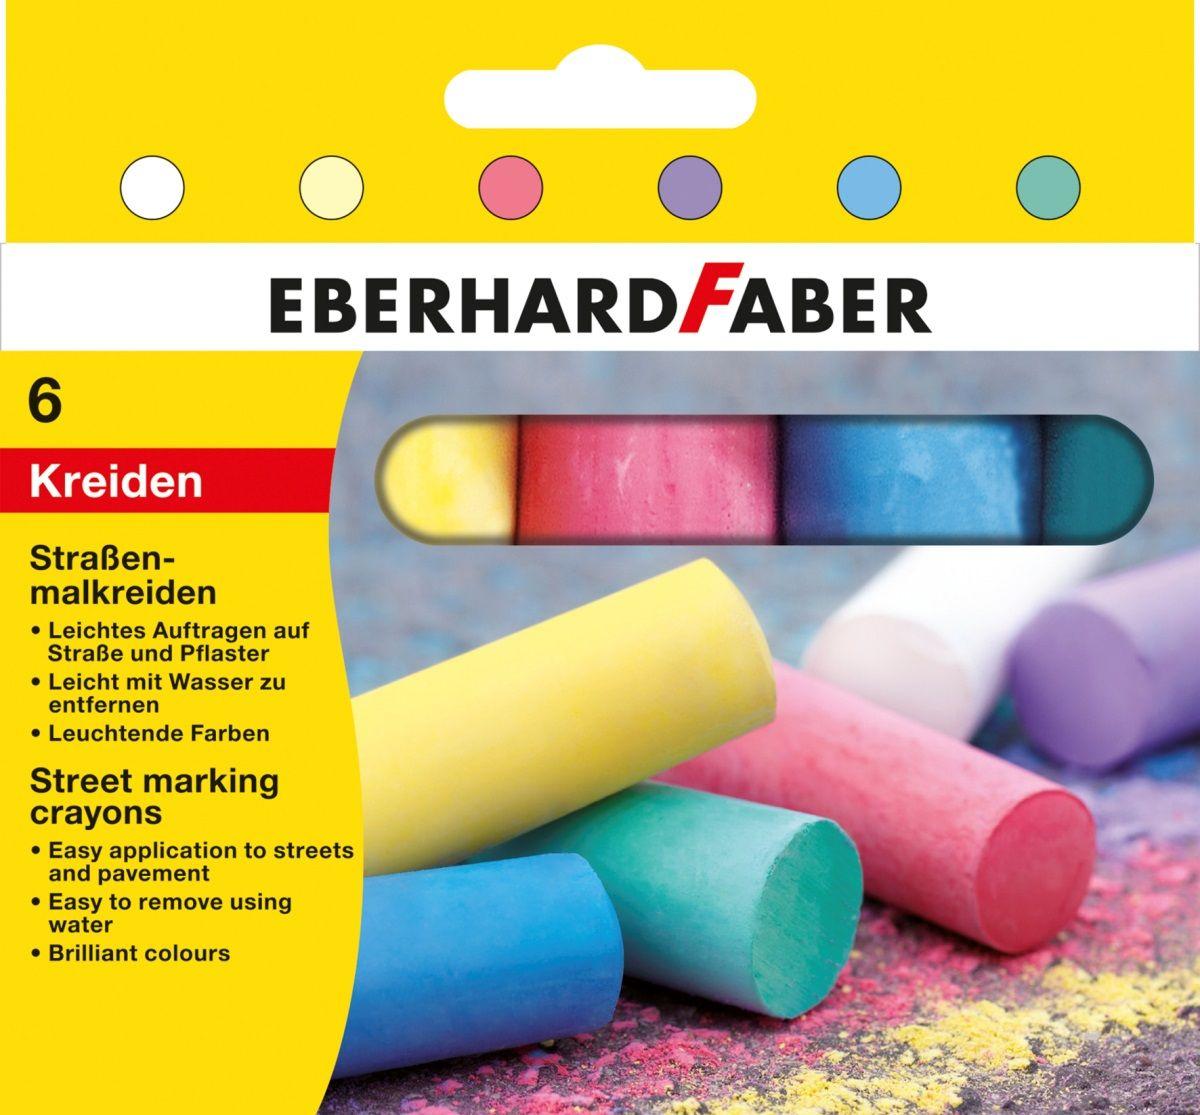 Eberhard Faber Мелки цветные круглые 6 шт526506Цветные мелки Eberhard Faber идеально подойдут для детского художественного творчества. Круглая форма позволяет чертить и рисовать без напряжения руки. Яркие цвета обеспечивают лучшую читаемость и наглядность.Цветные мелки помогут малышу развить мелкую моторику рук, наглядно-образное мышление, координацию движений, творческое мышление, фантазию, а также познакомят его с понятиями цвета и формы. Цветные мелки высшего качества подходят для любых школьных досок.